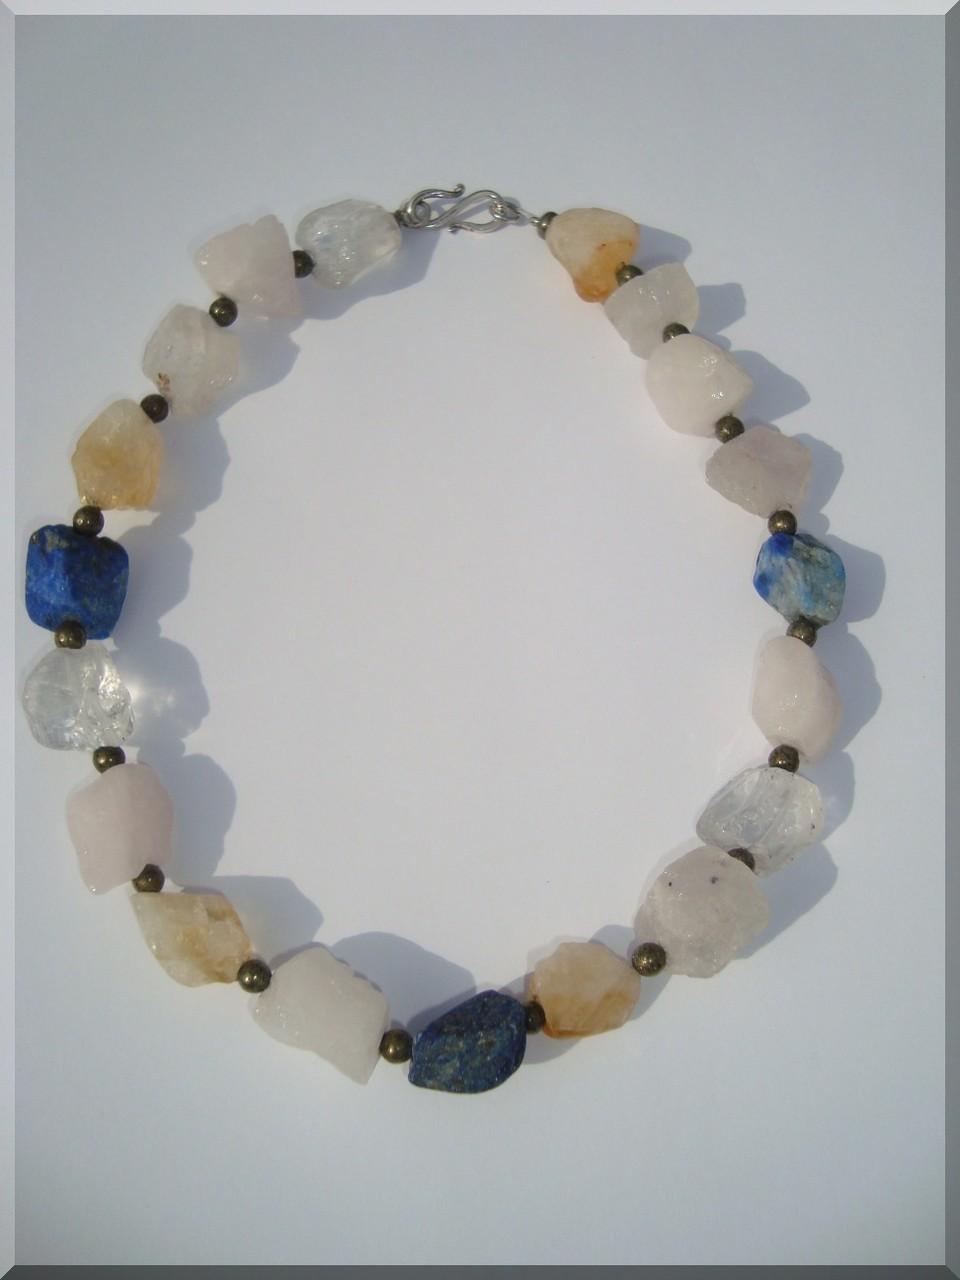 Edelstein - Brocken Halskette mit Pyrit - Perlen.